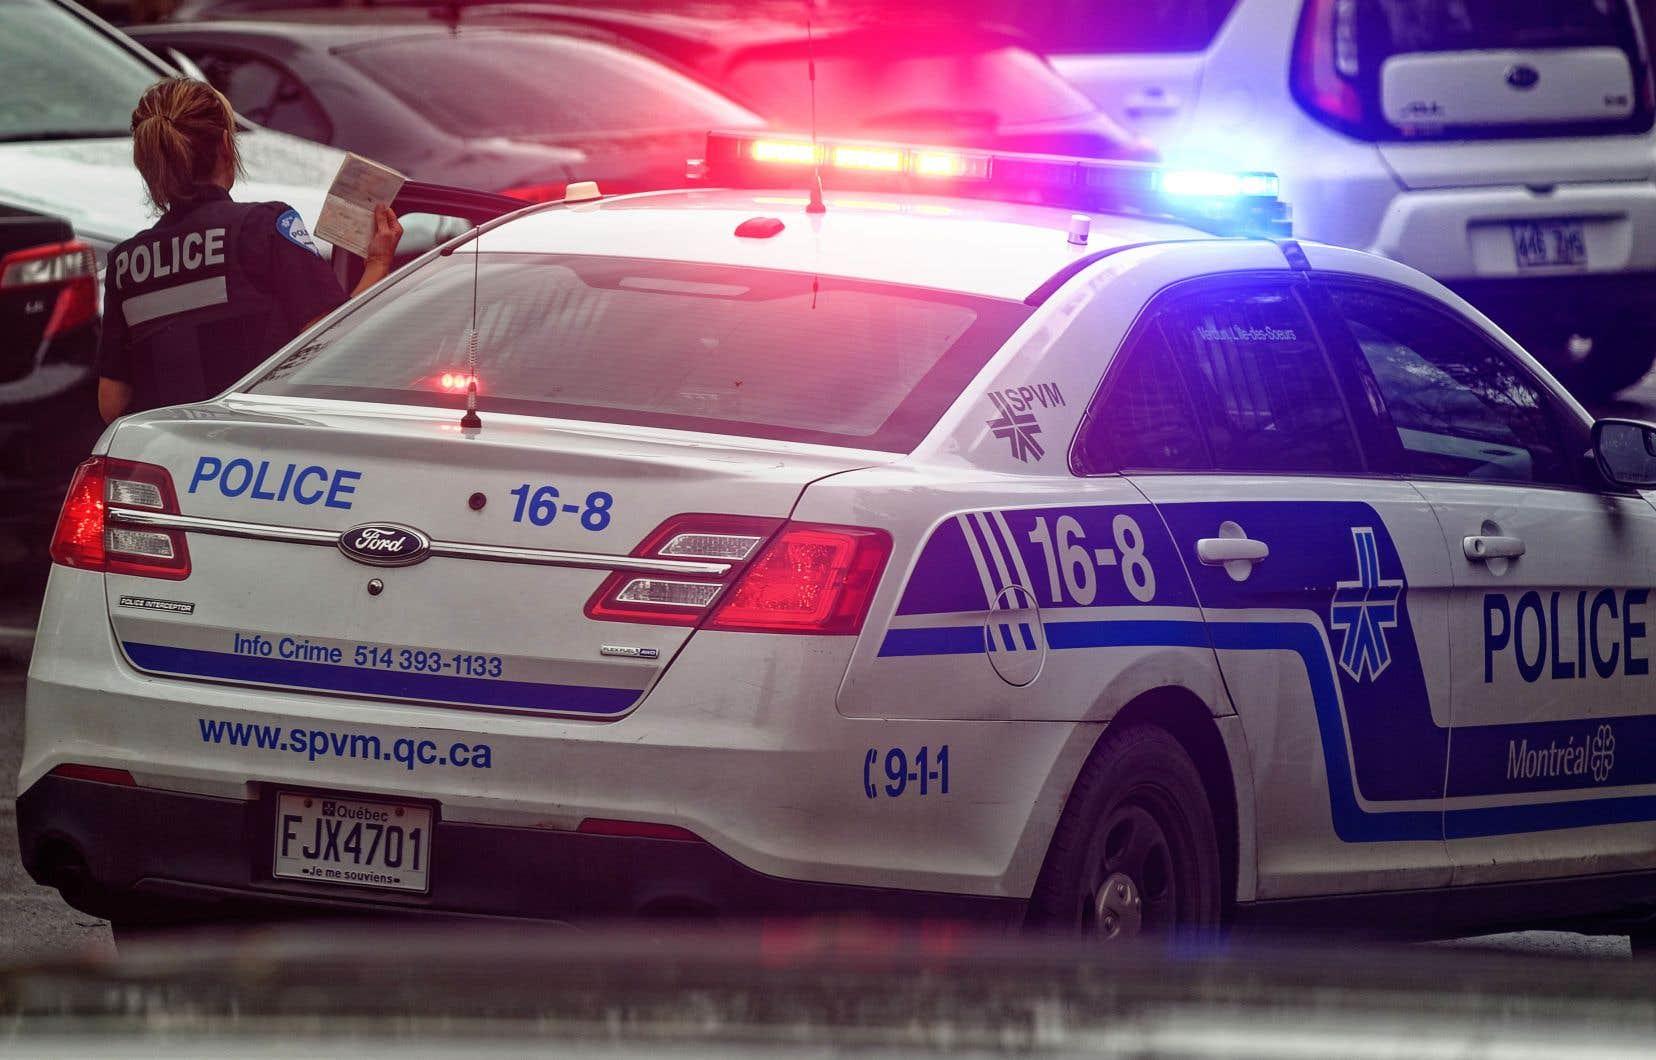 Un périmètre a été érigé dans le secteur pour permettre aux enquêteurs des crimes majeurs d'analyser la scène de crime.